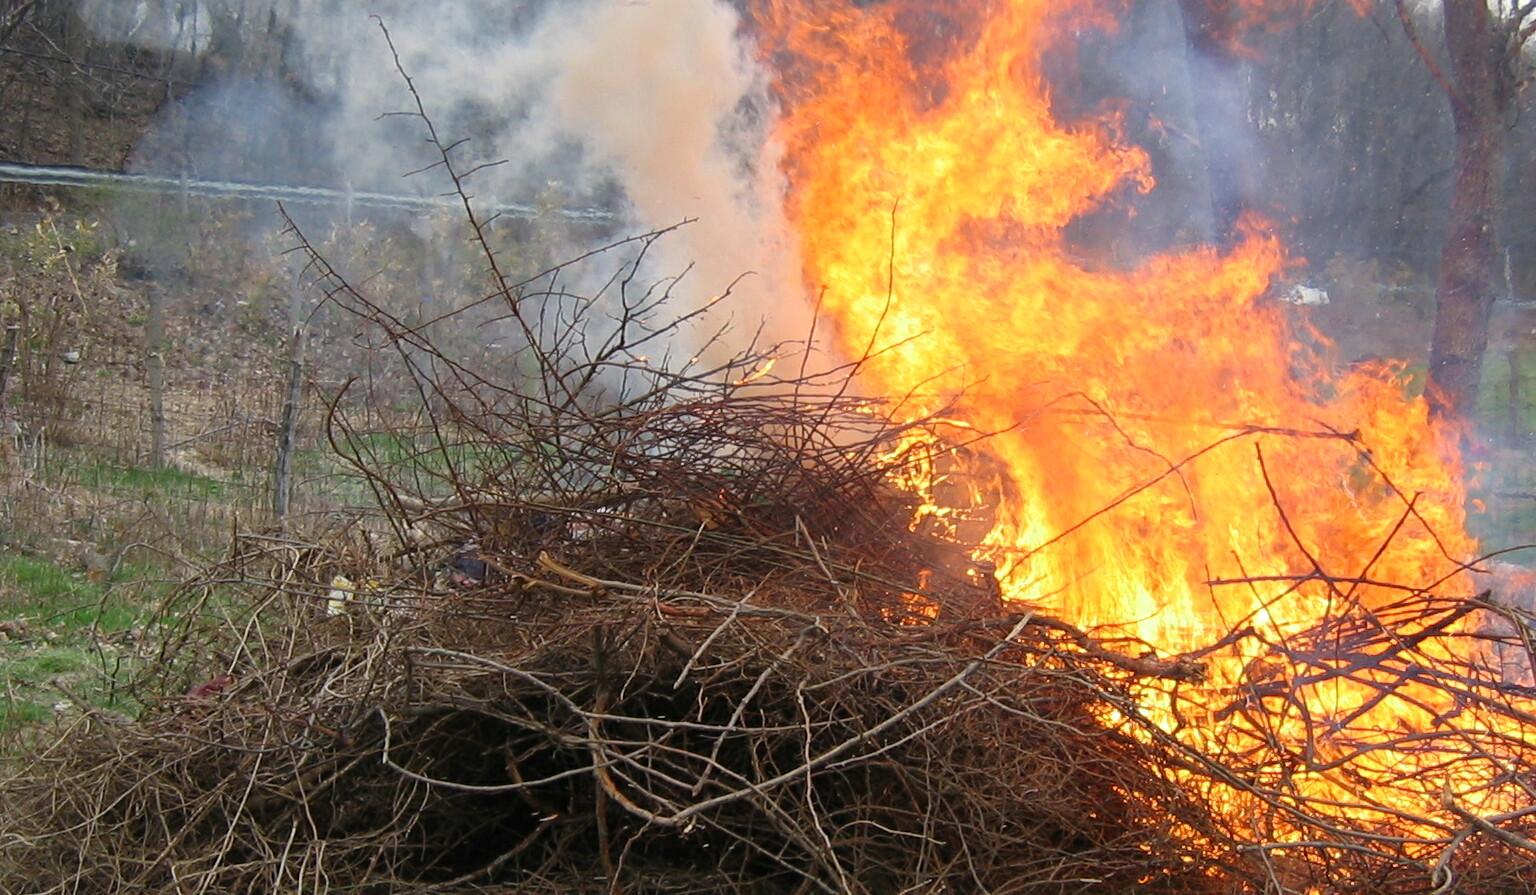 Burning_pile_of_multiflora_rosesssss